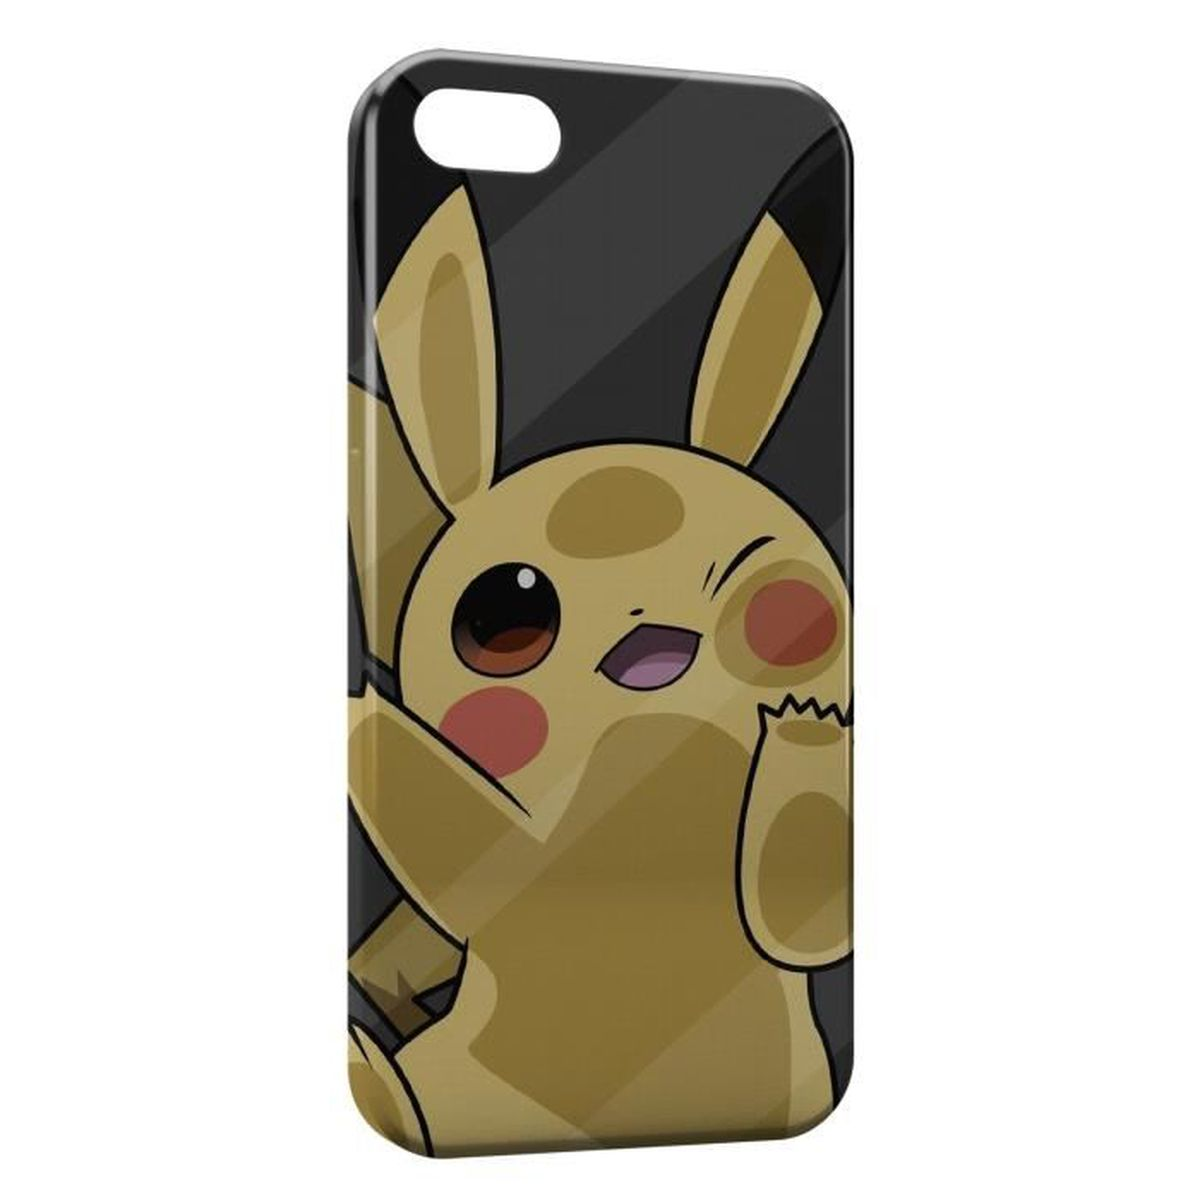 coque iphone 5 pikachu